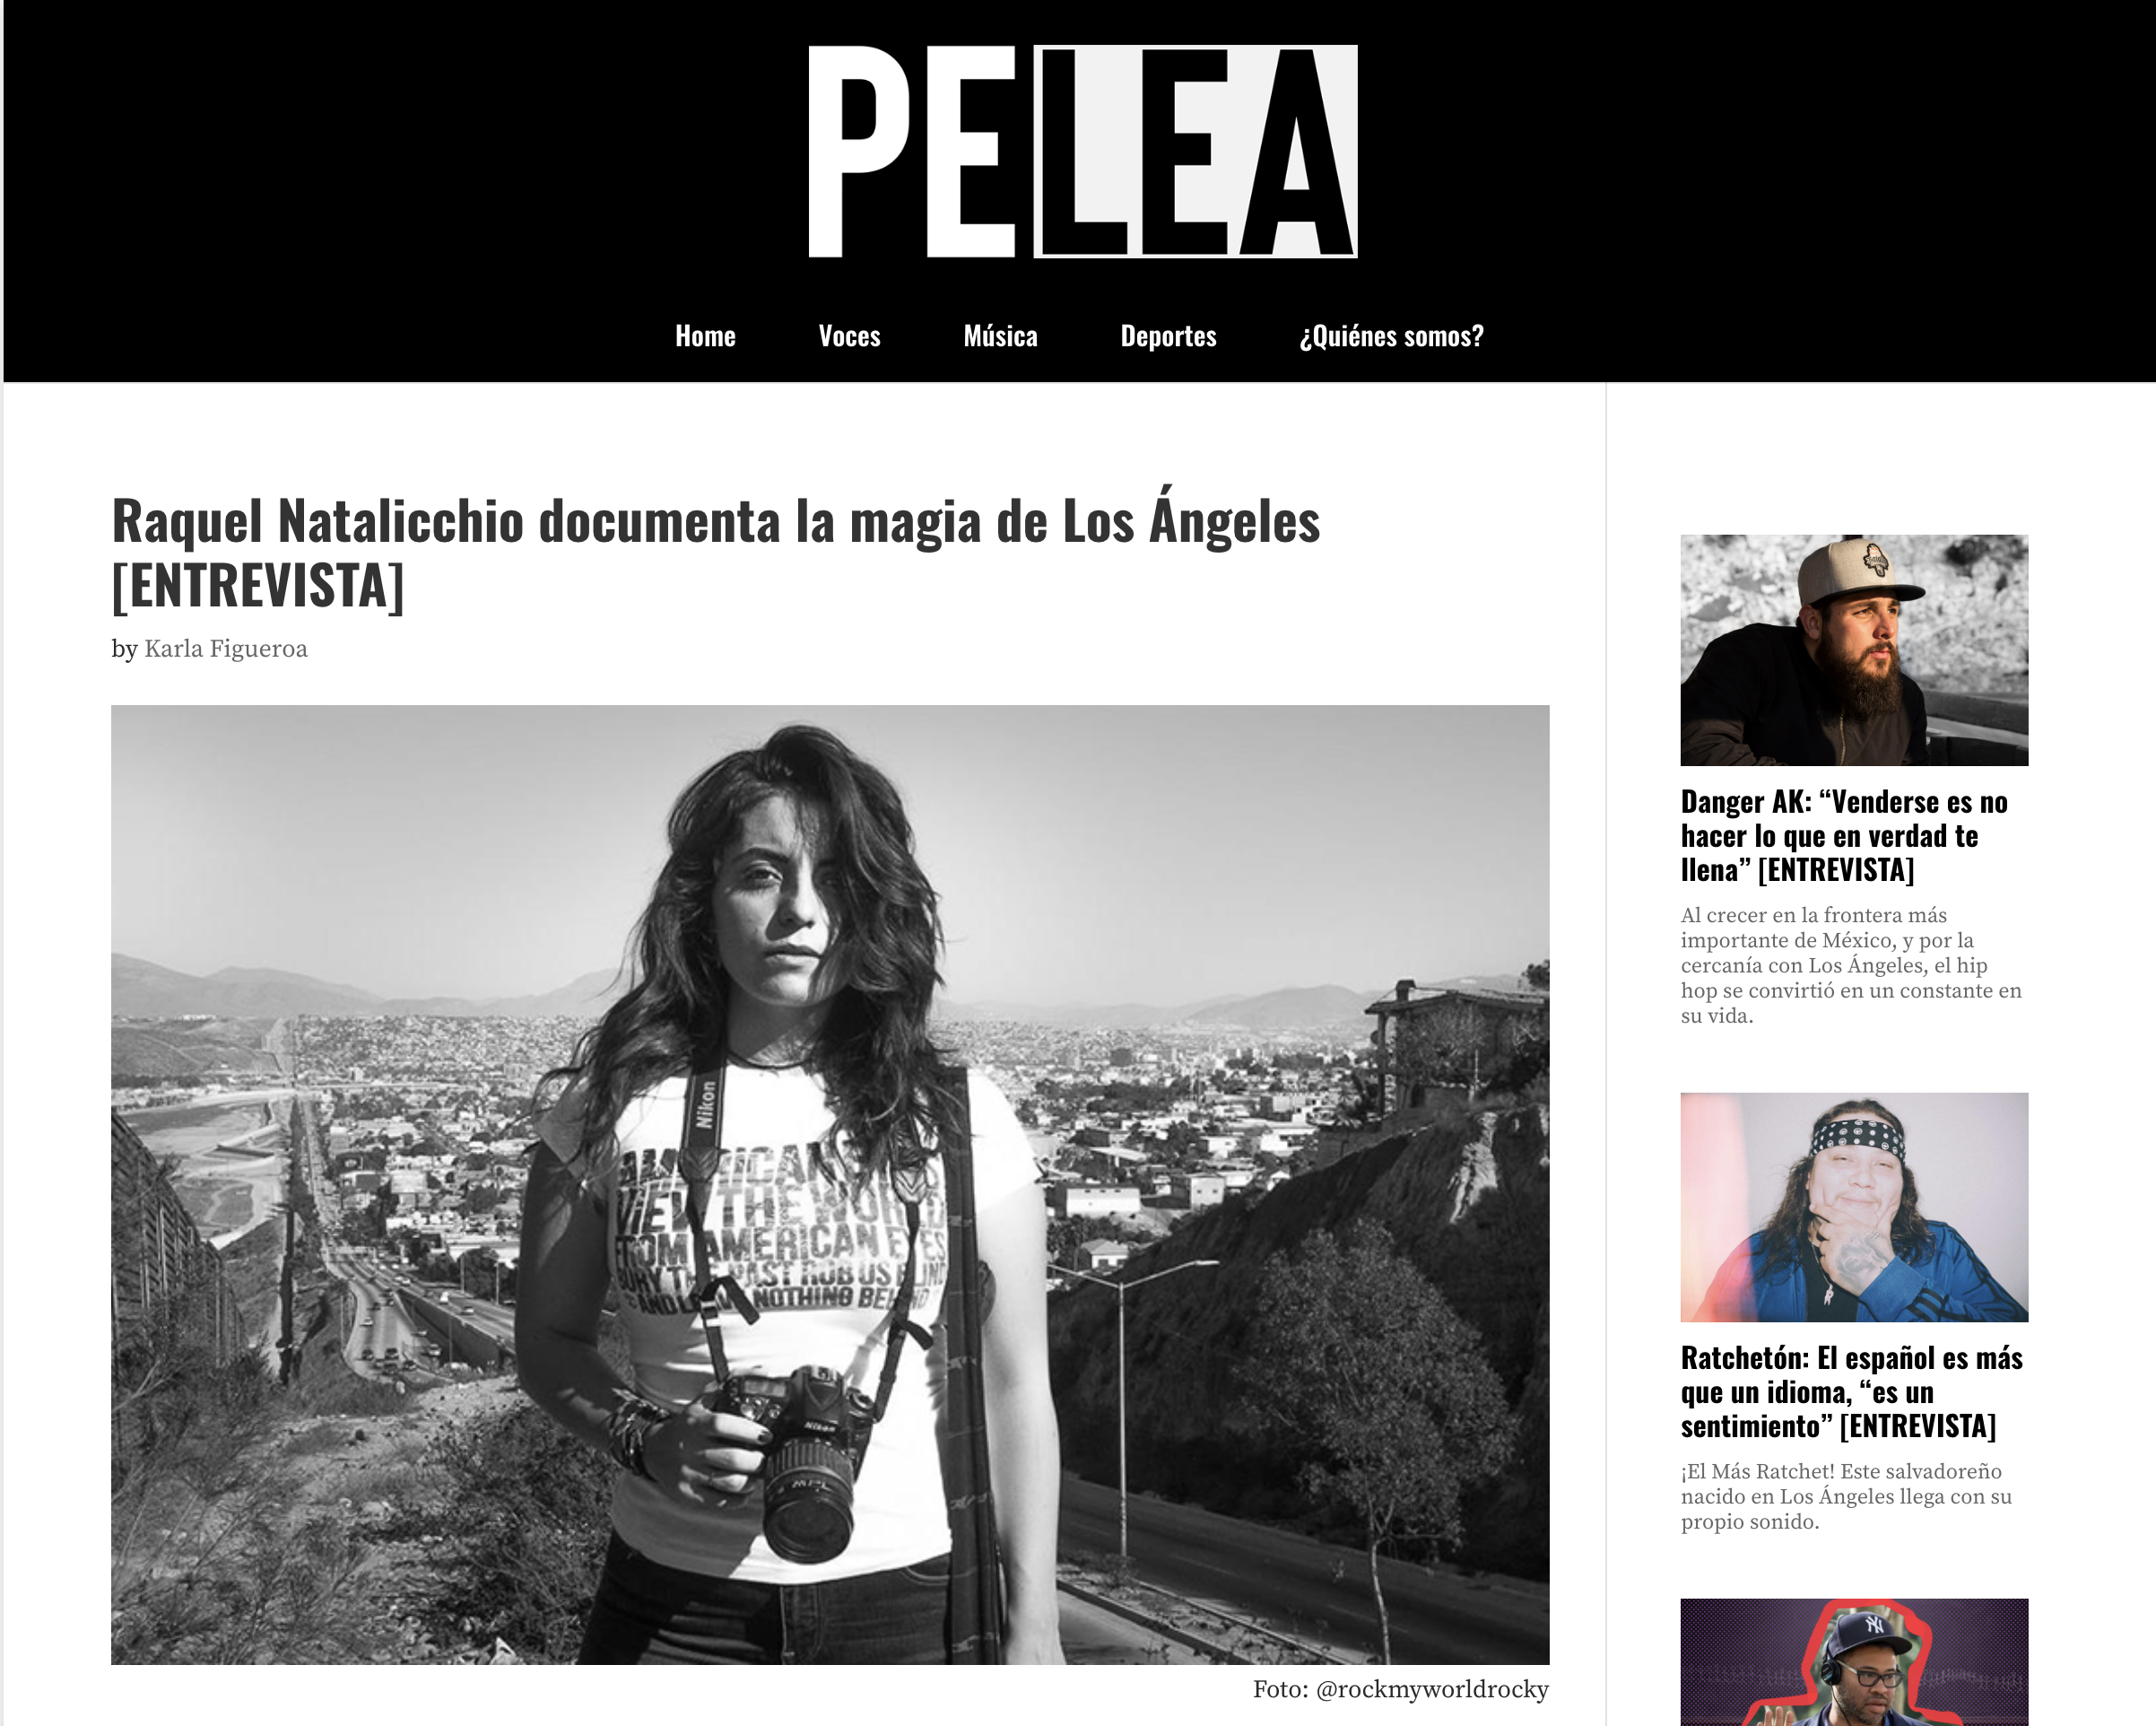 Raquel Natalicchio Featured in PELEA